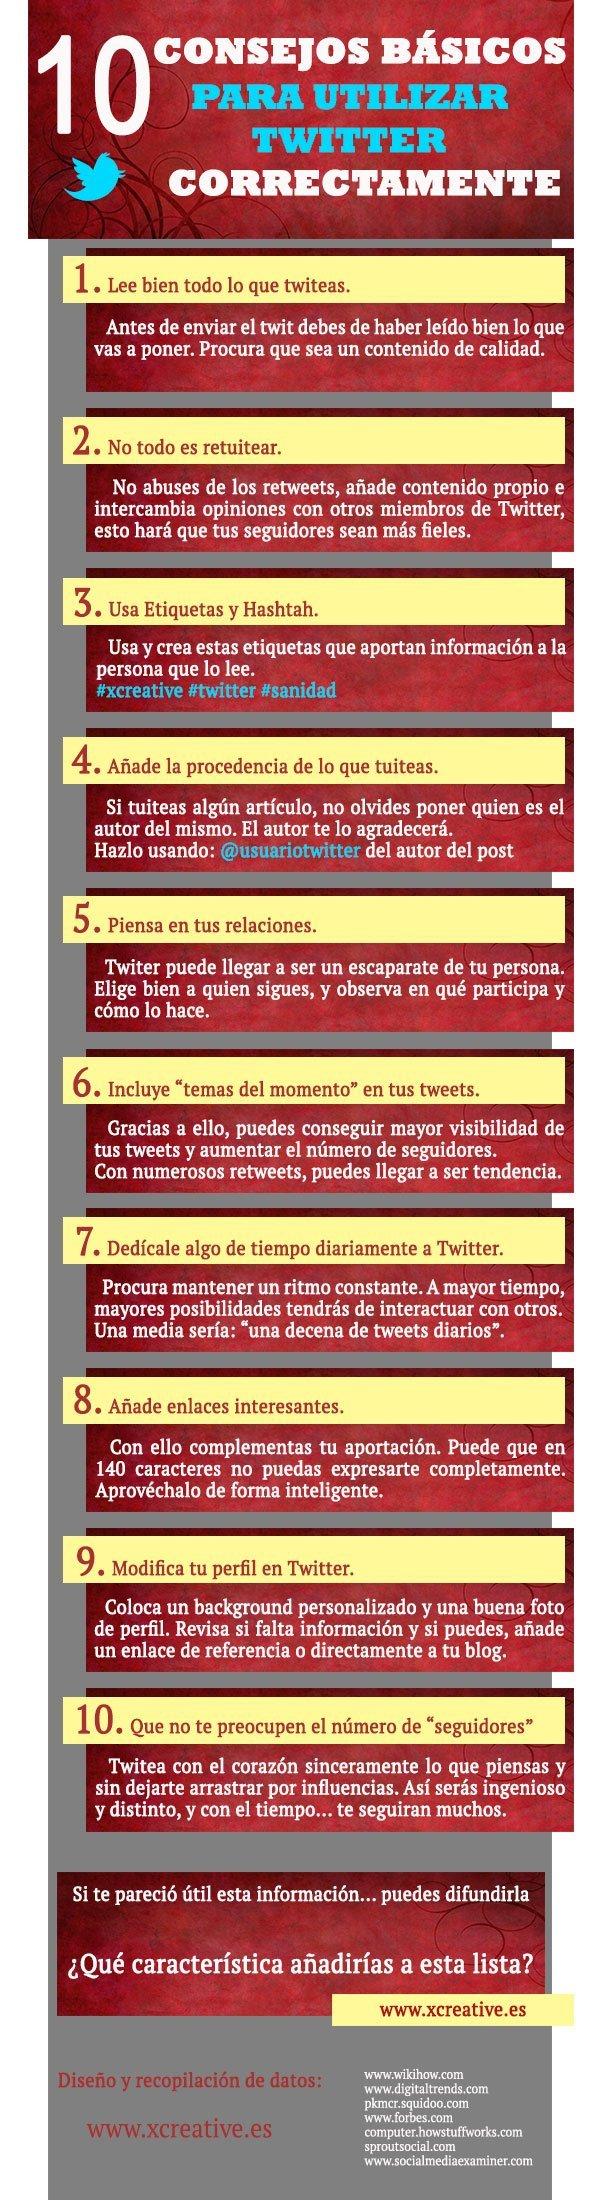 usar-twitter-correctamente